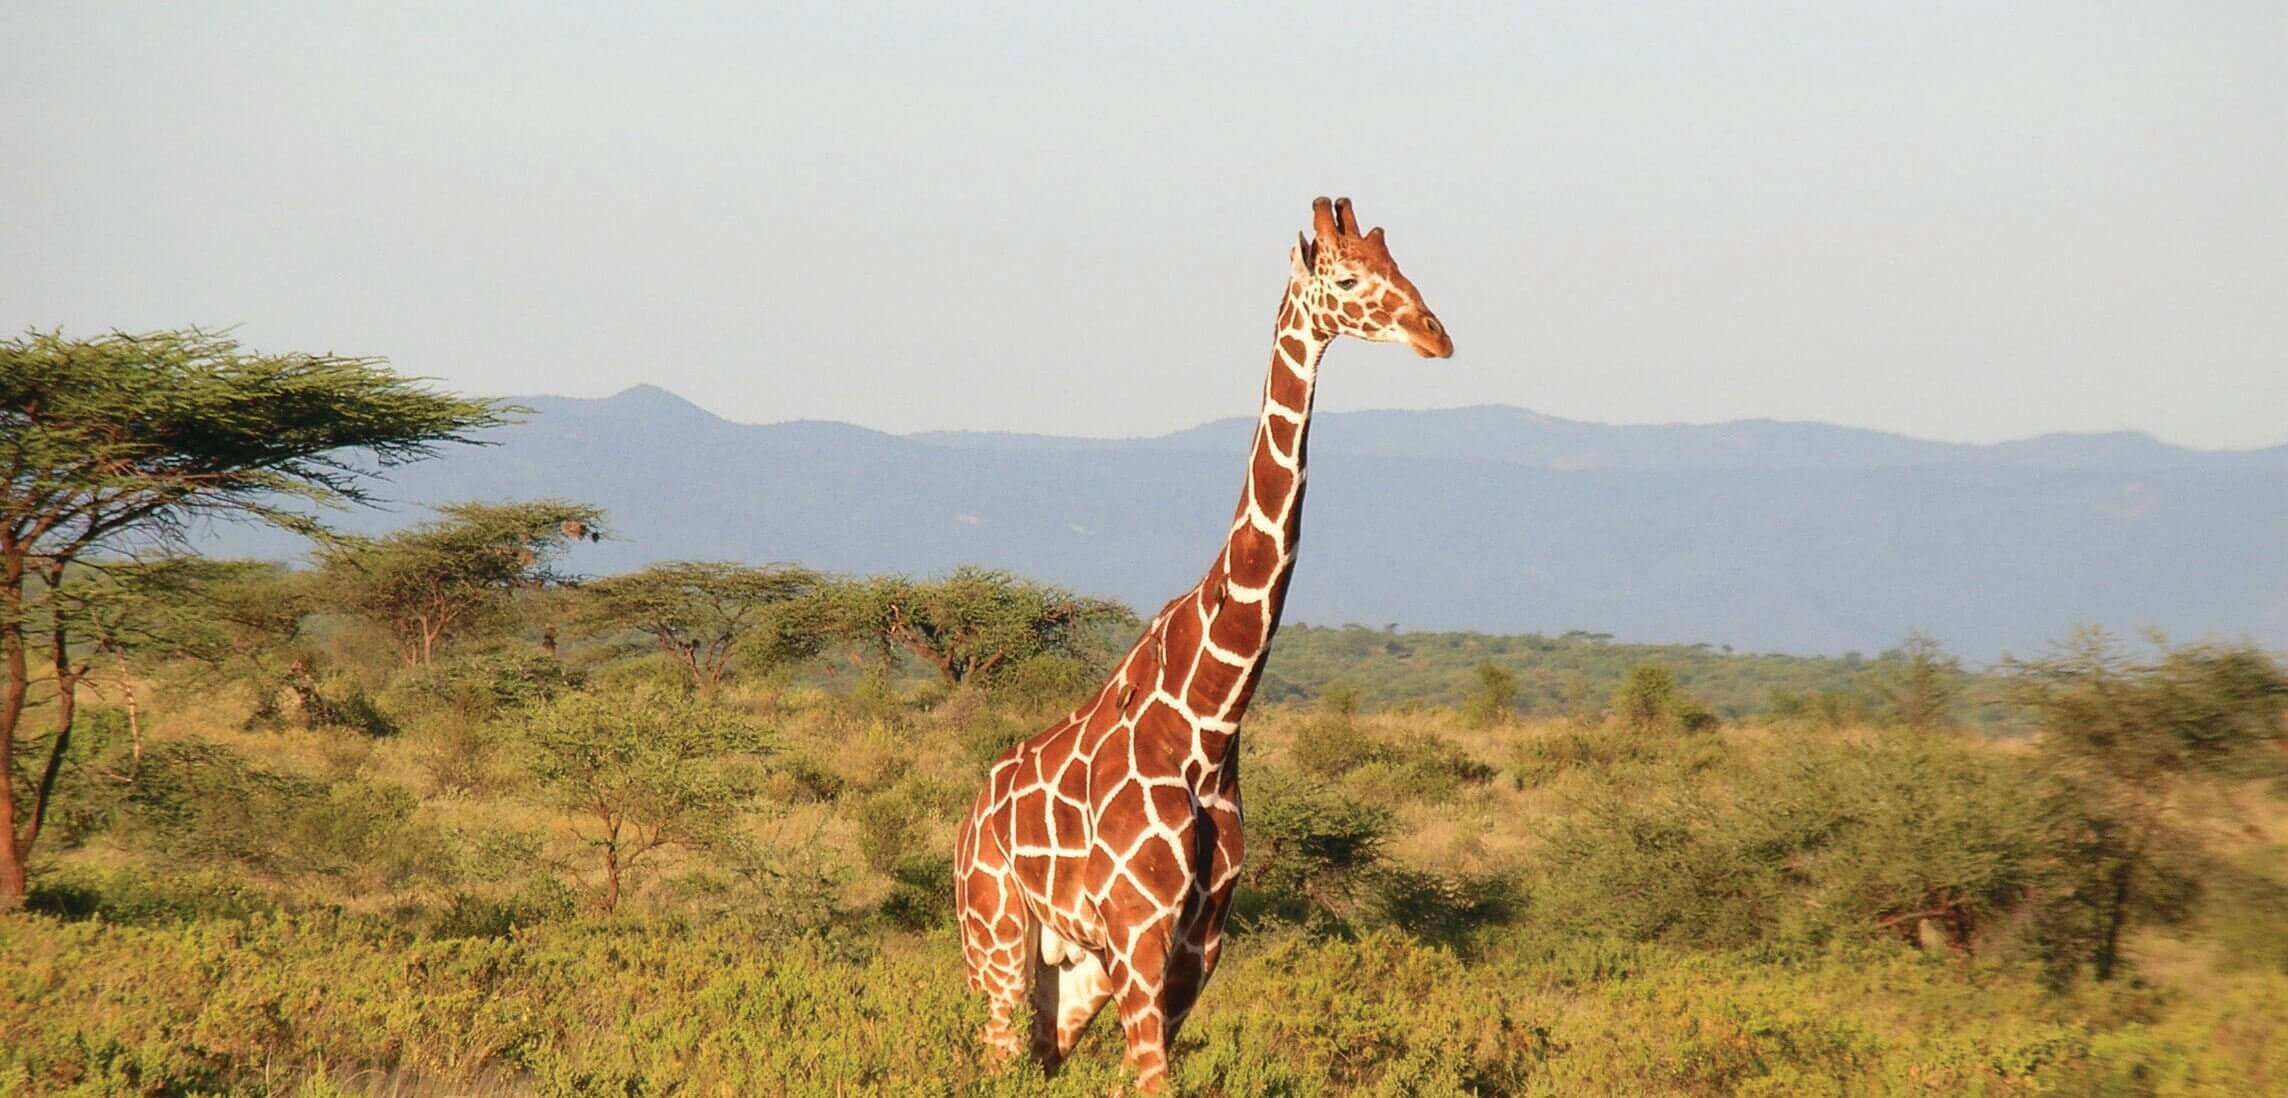 Kenya - Country Giraffe